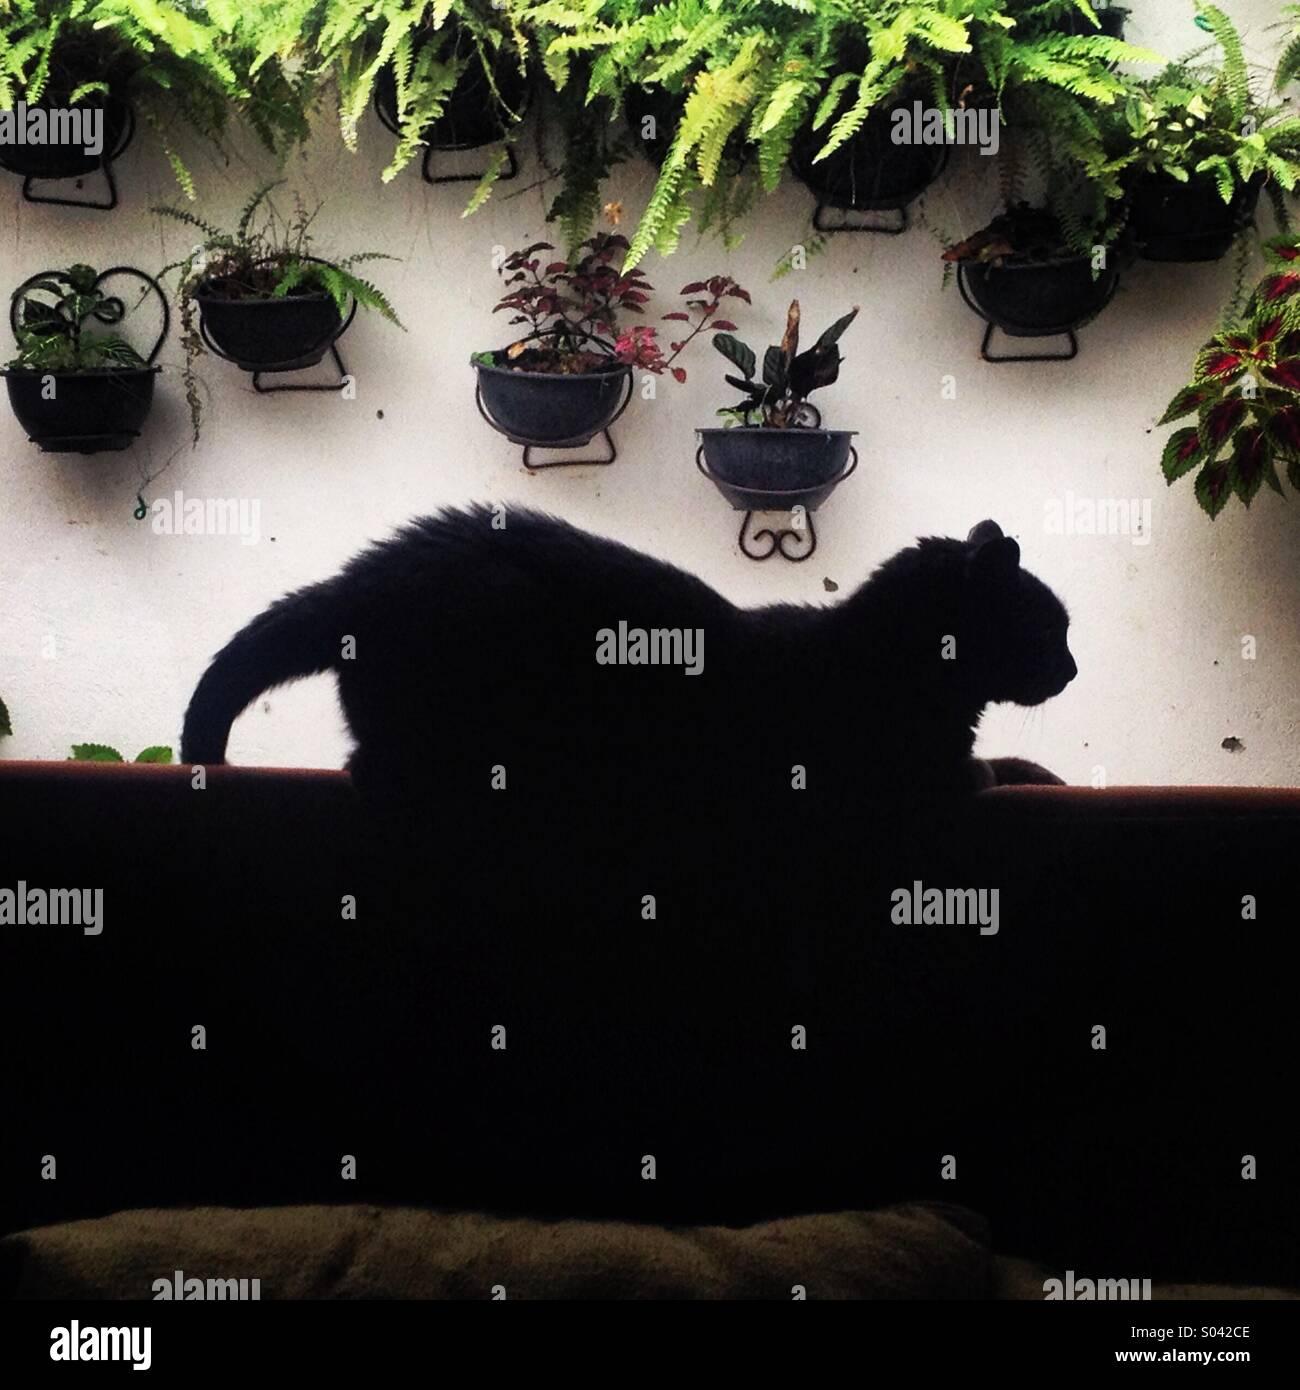 Un chat noir repose sur le dessus d'un canapé dans une maison à Colonia Roma, Mexico, Mexique Photo Stock